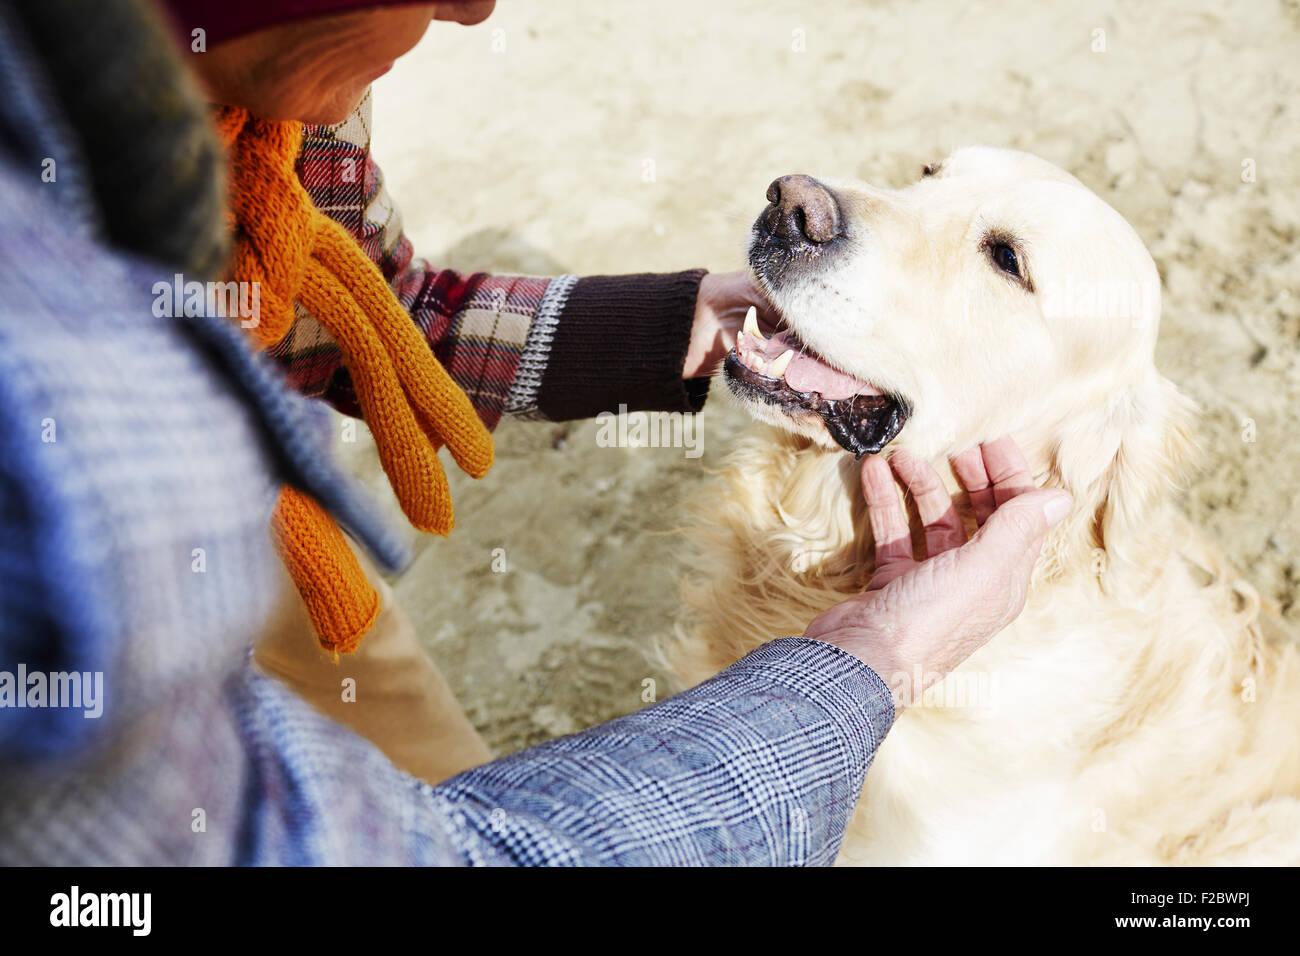 Human cuddling dog outside - Stock Image